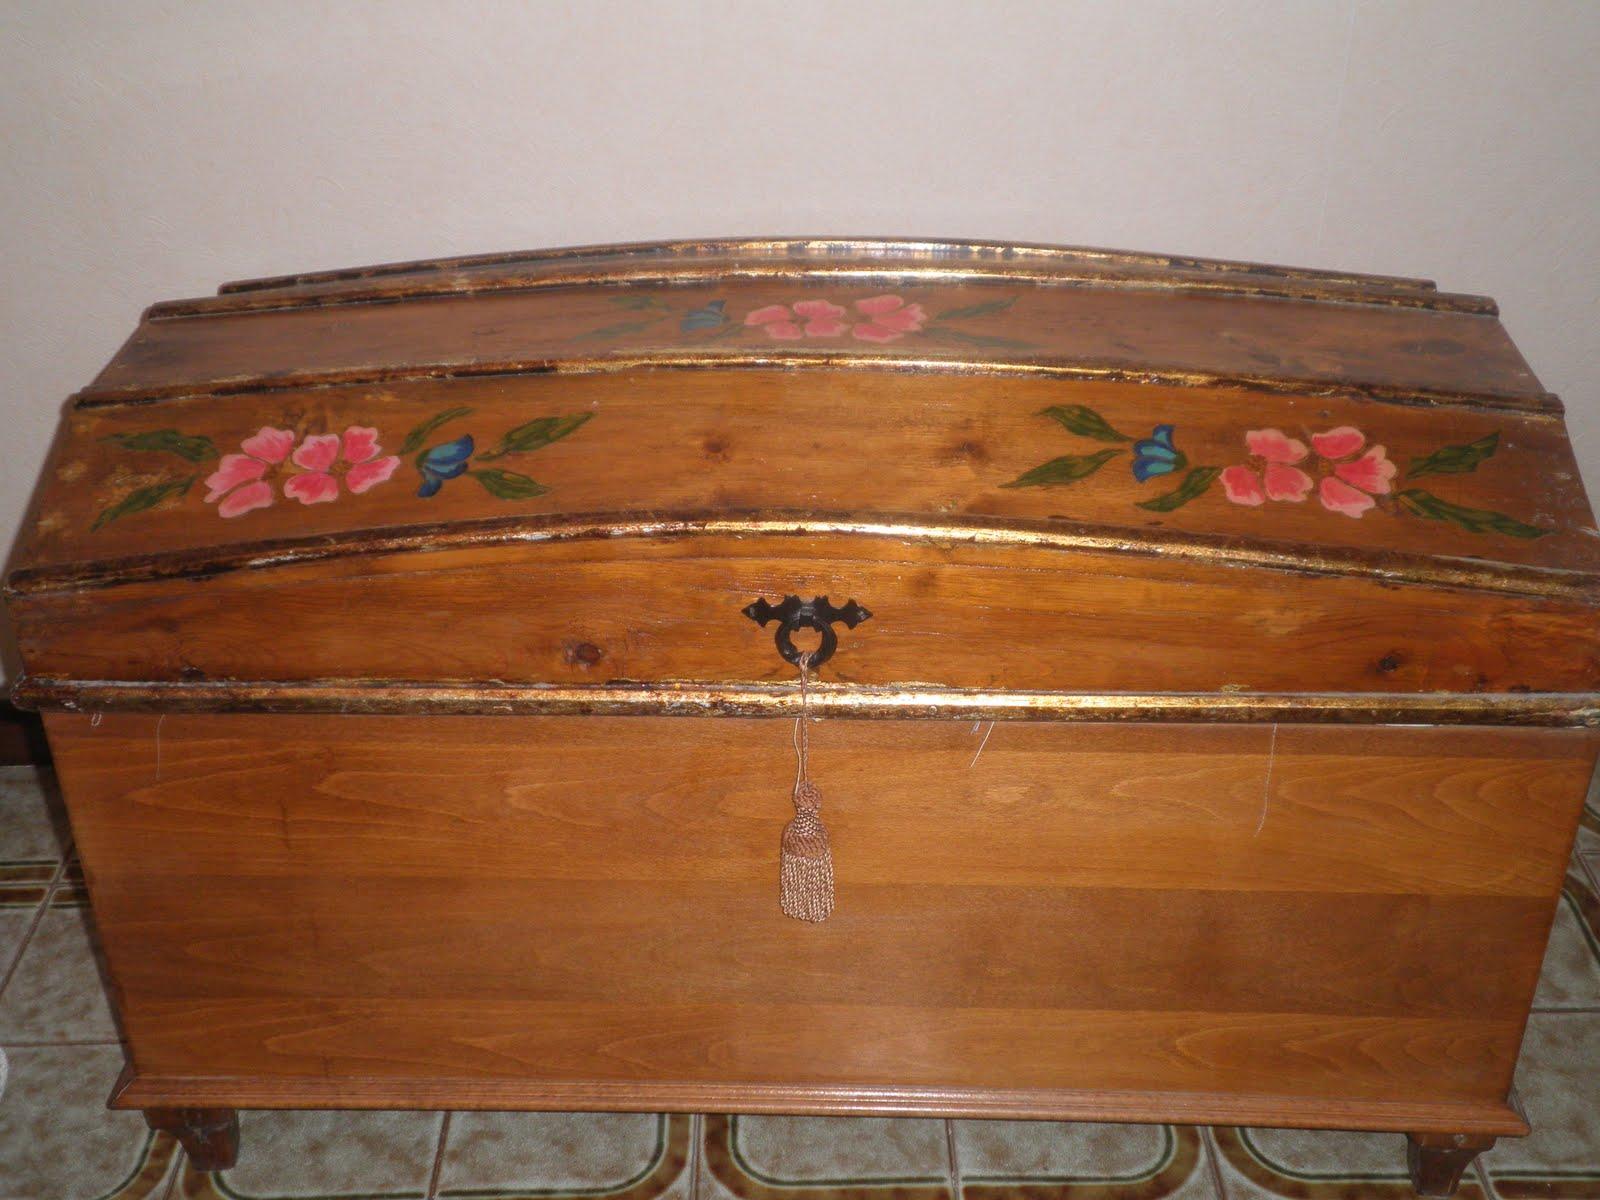 Manualidades pura muebles antiguos recuperados - Manualidades con muebles viejos ...